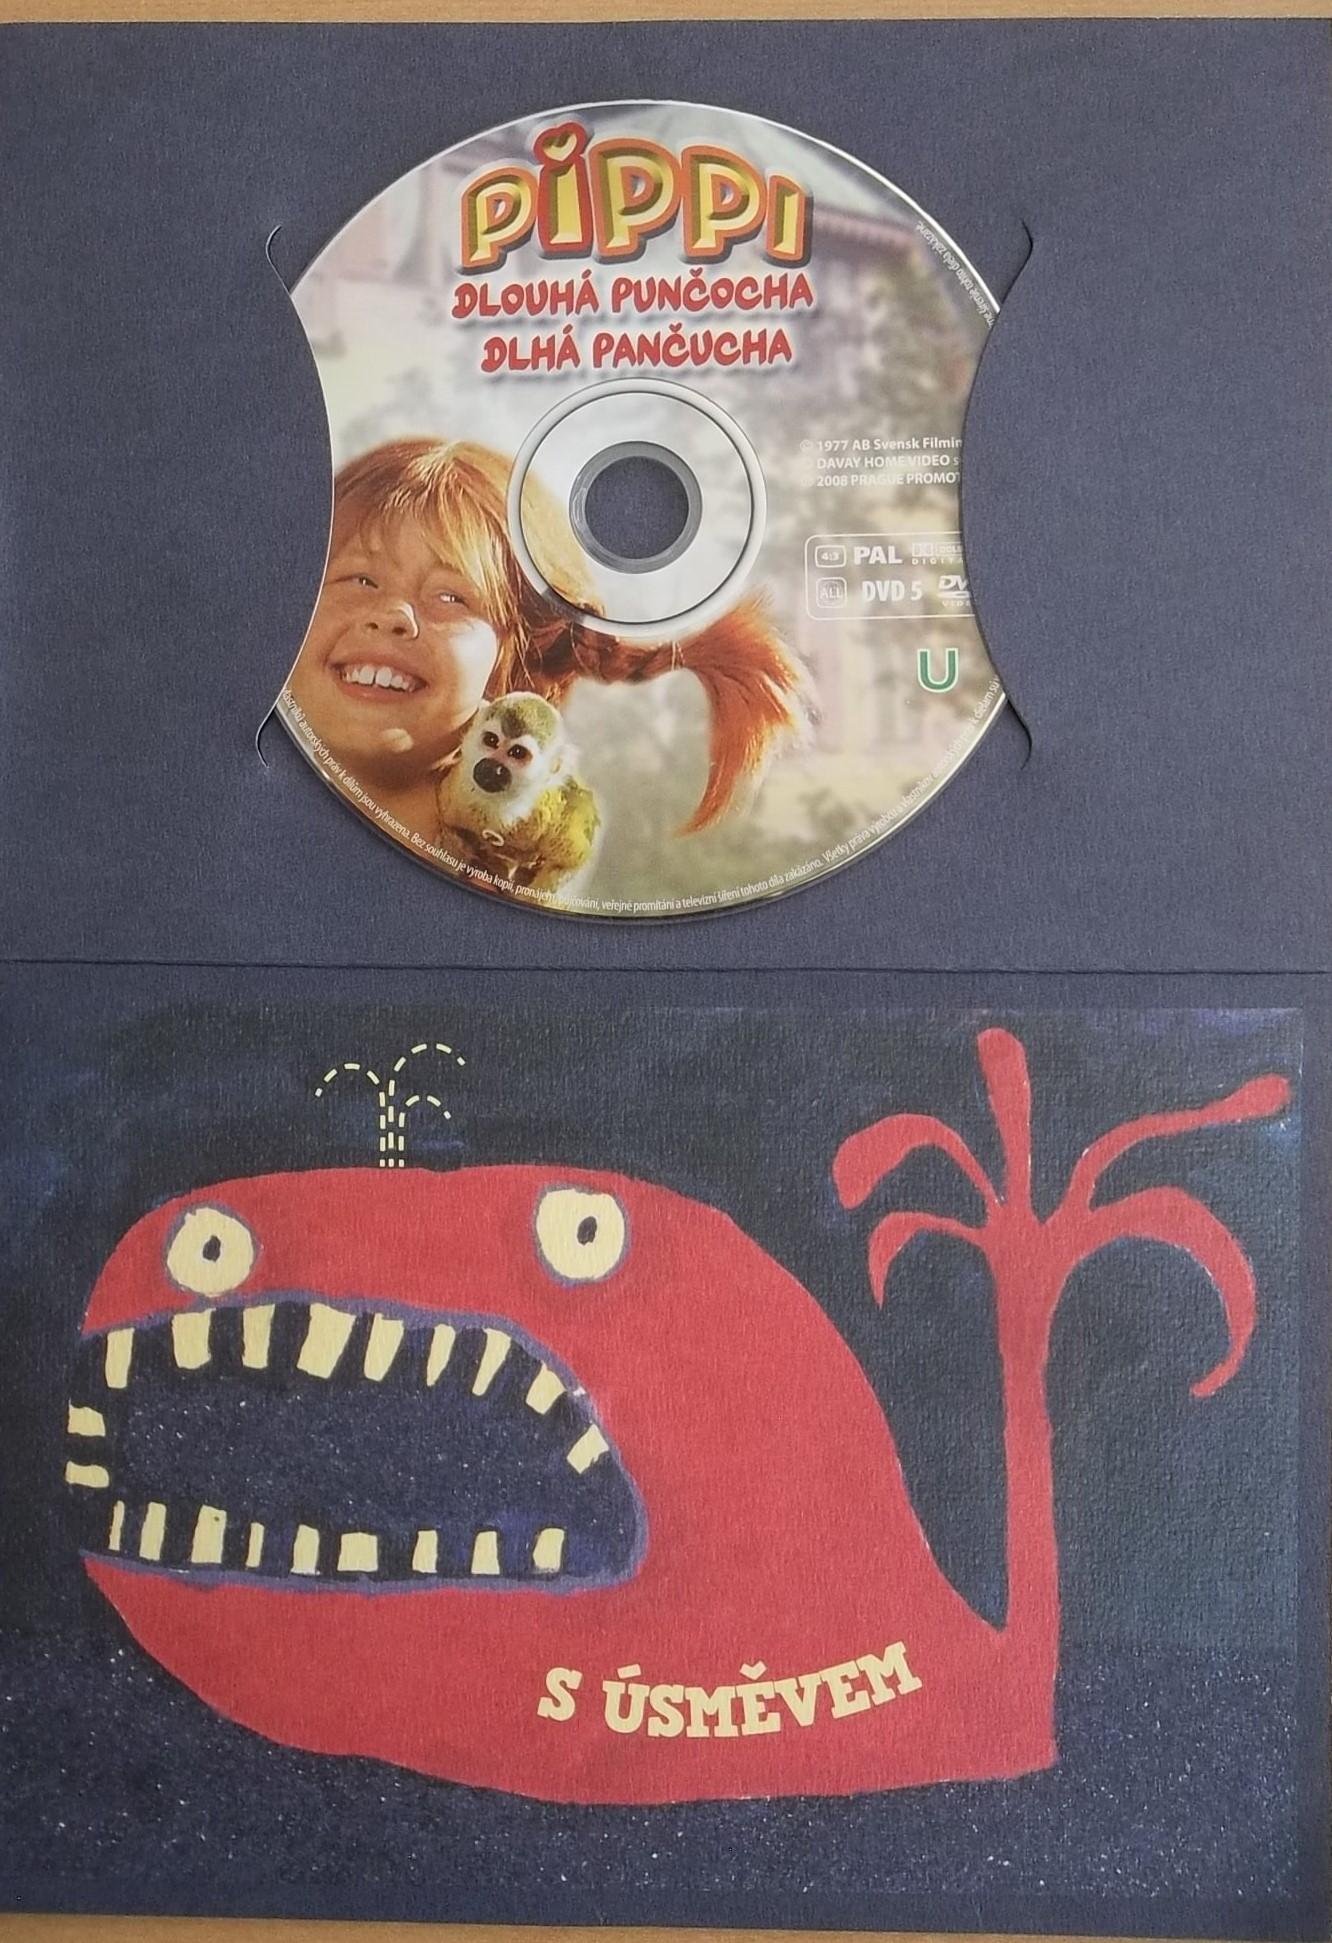 Pippi dlouhá punčocha - film - dárková obálka - DVD